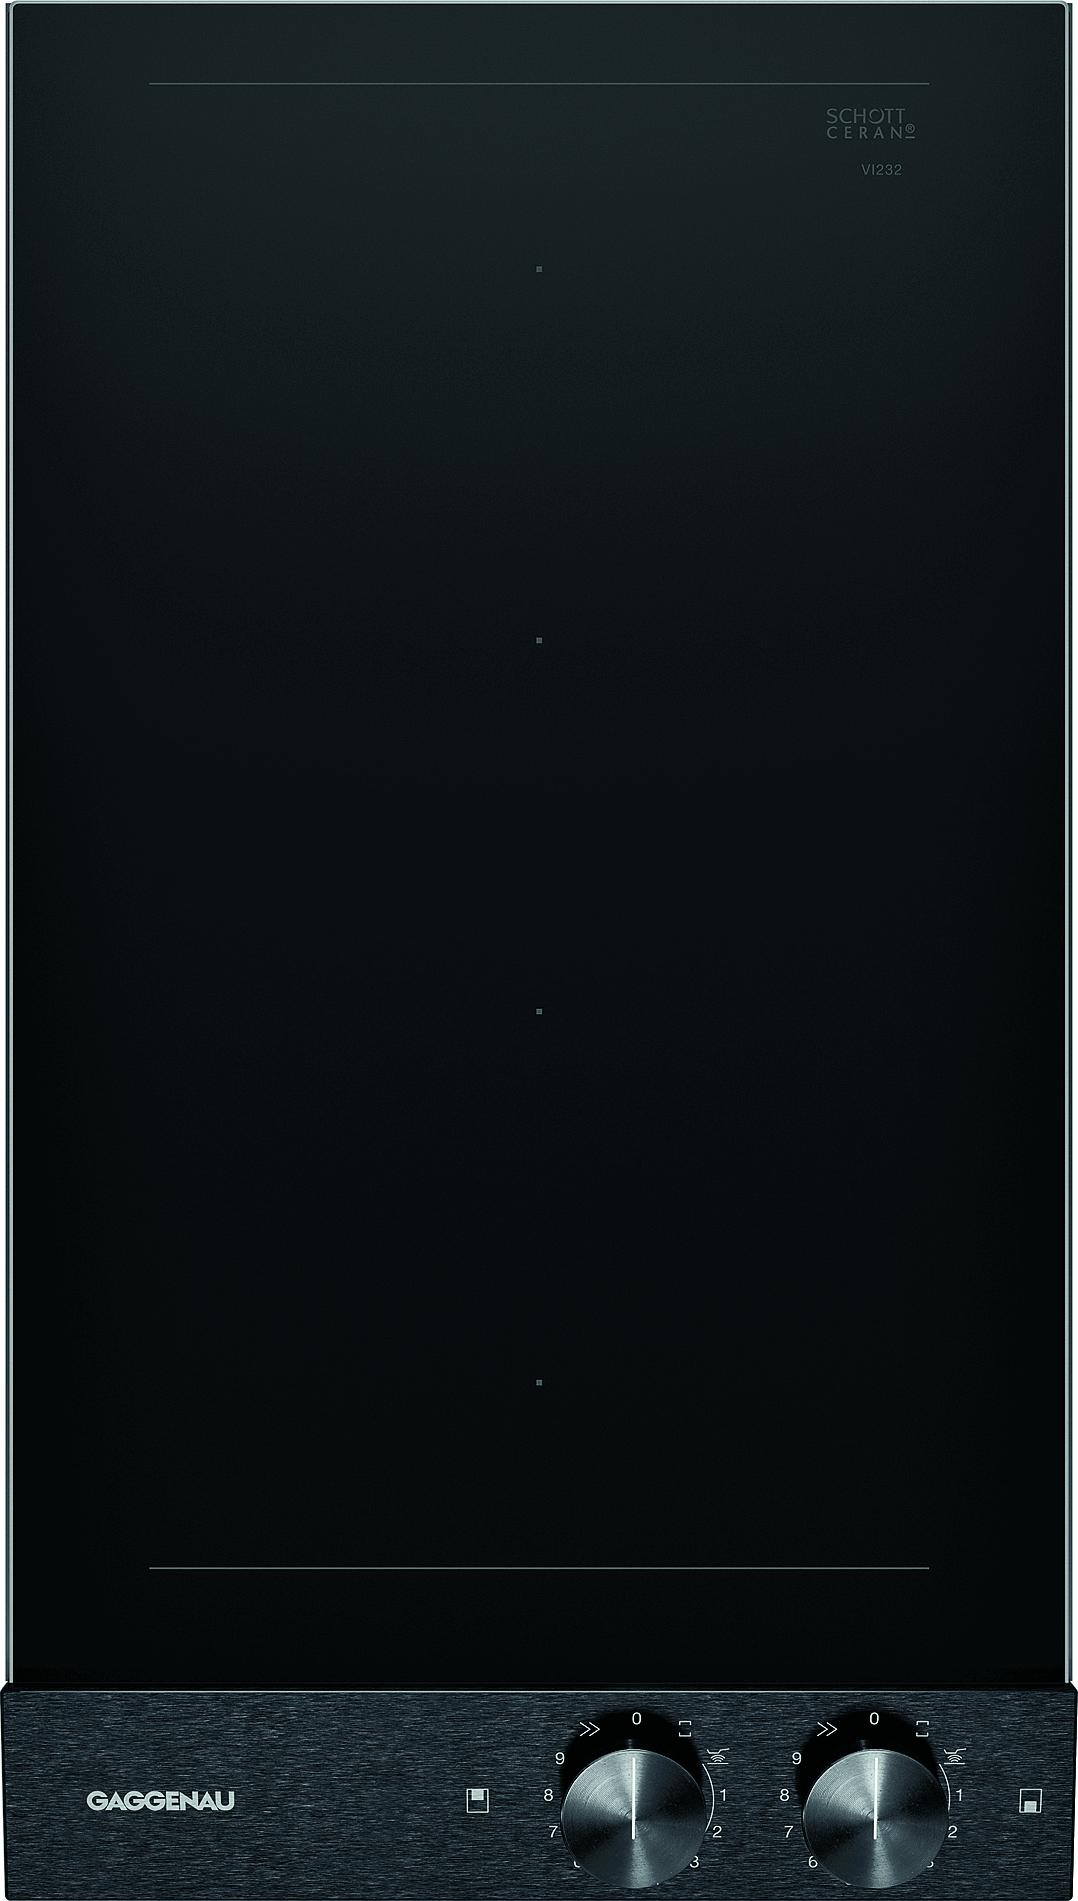 Flex indukčná varná doska šírka 28cm | Gaggenau VI232120 séria 200